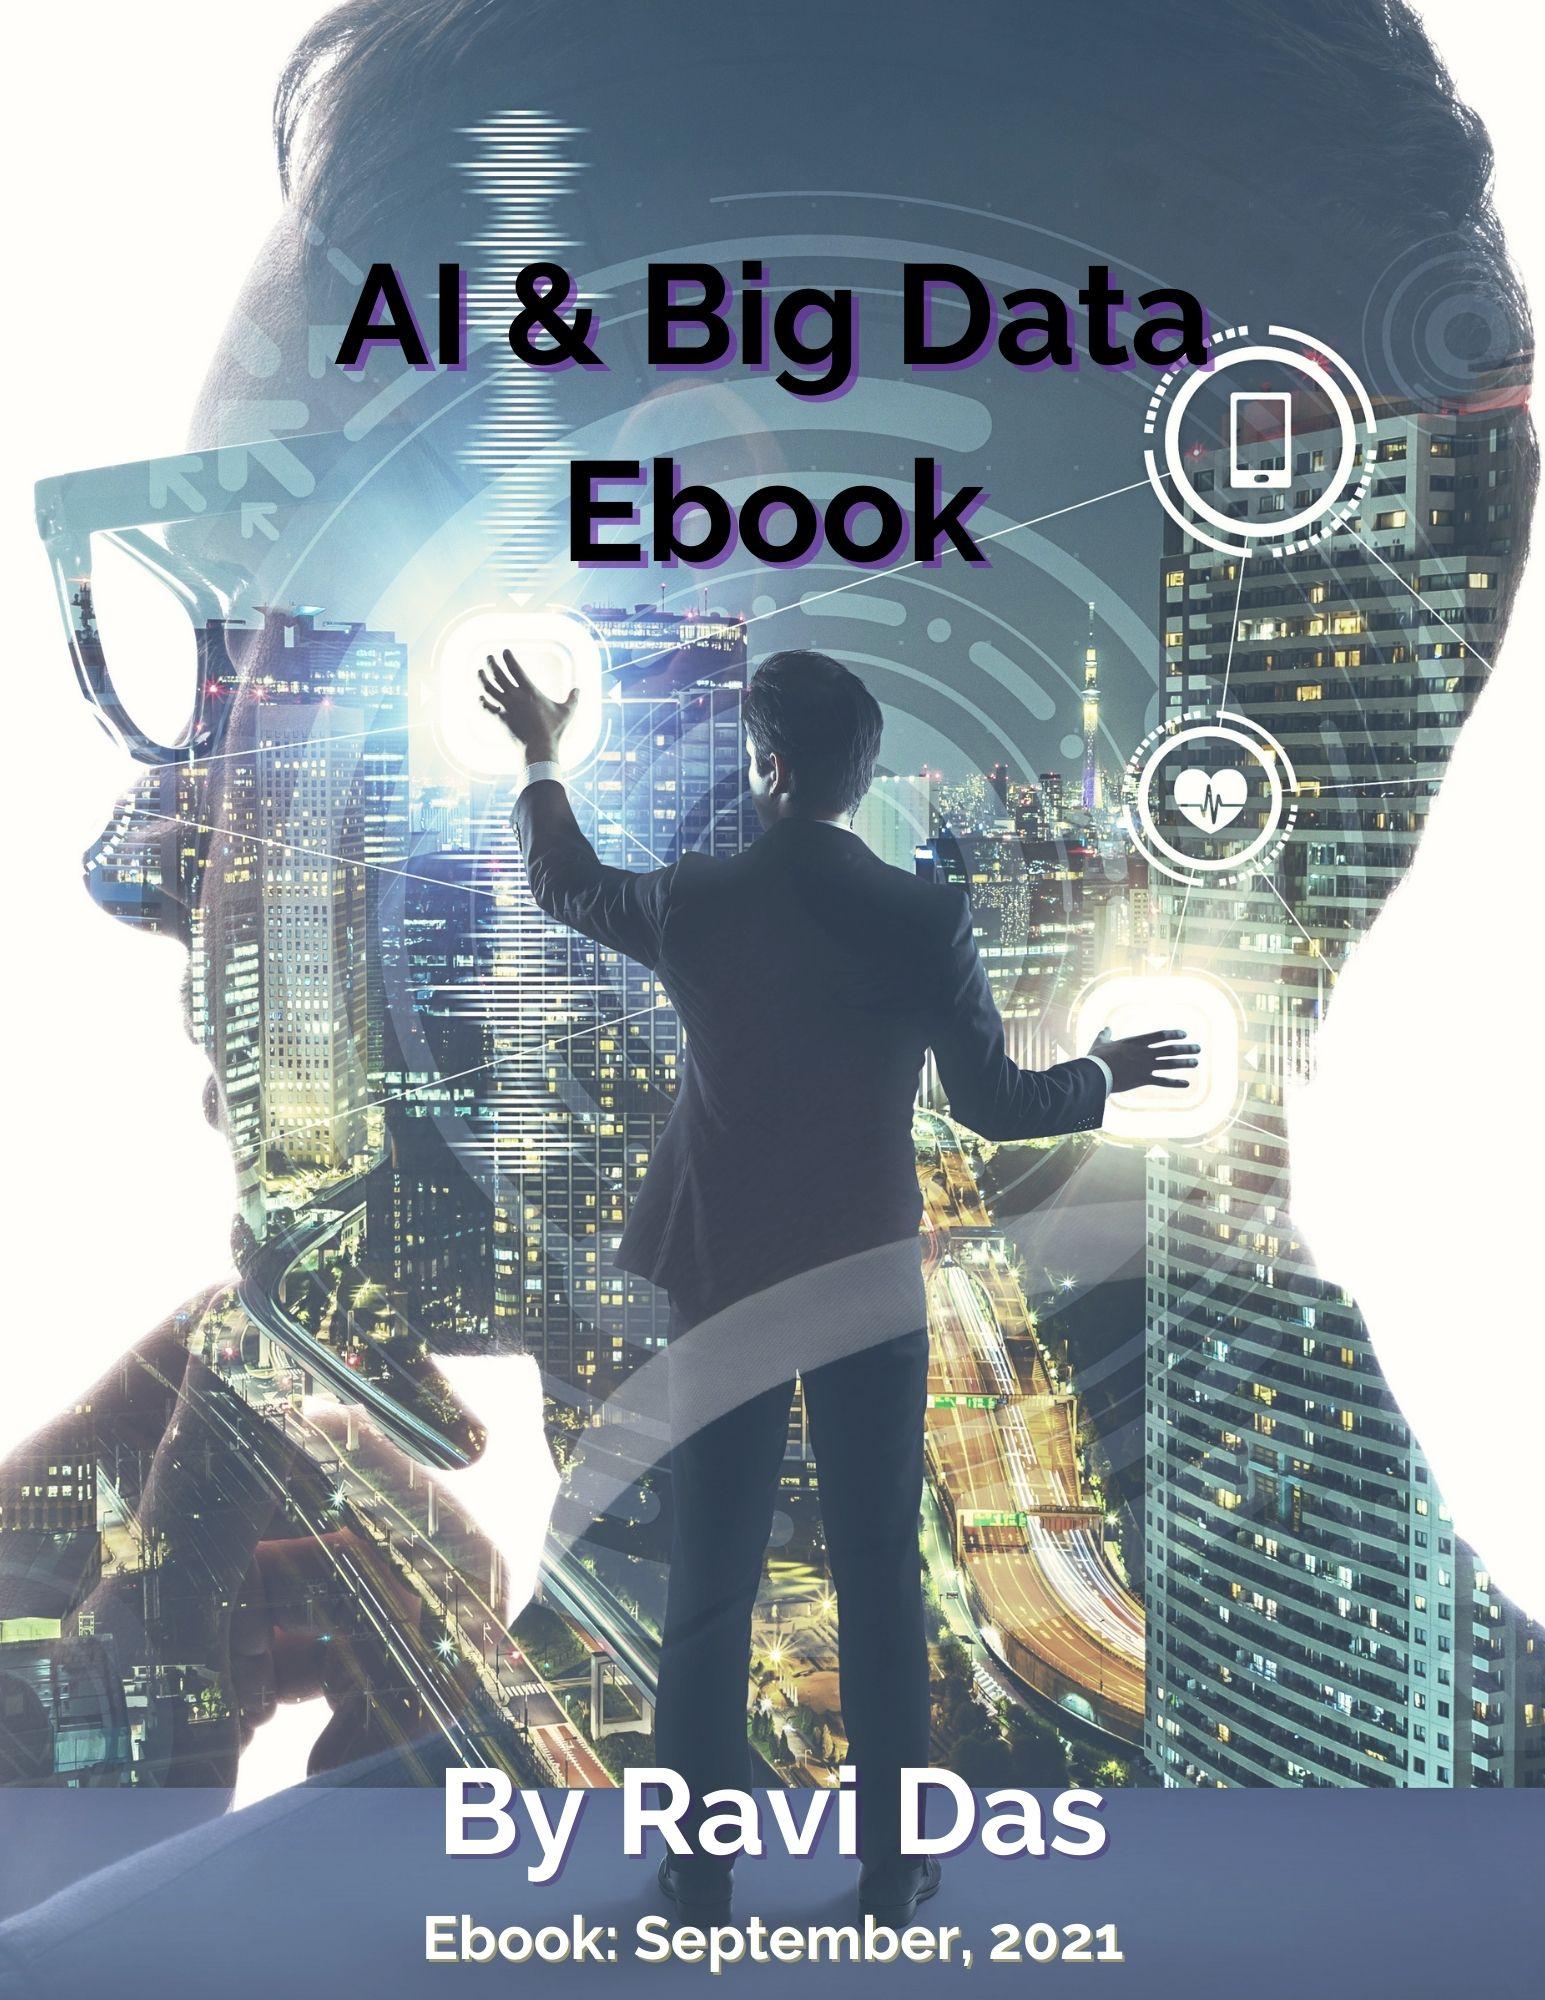 AI & Big Data Ebook